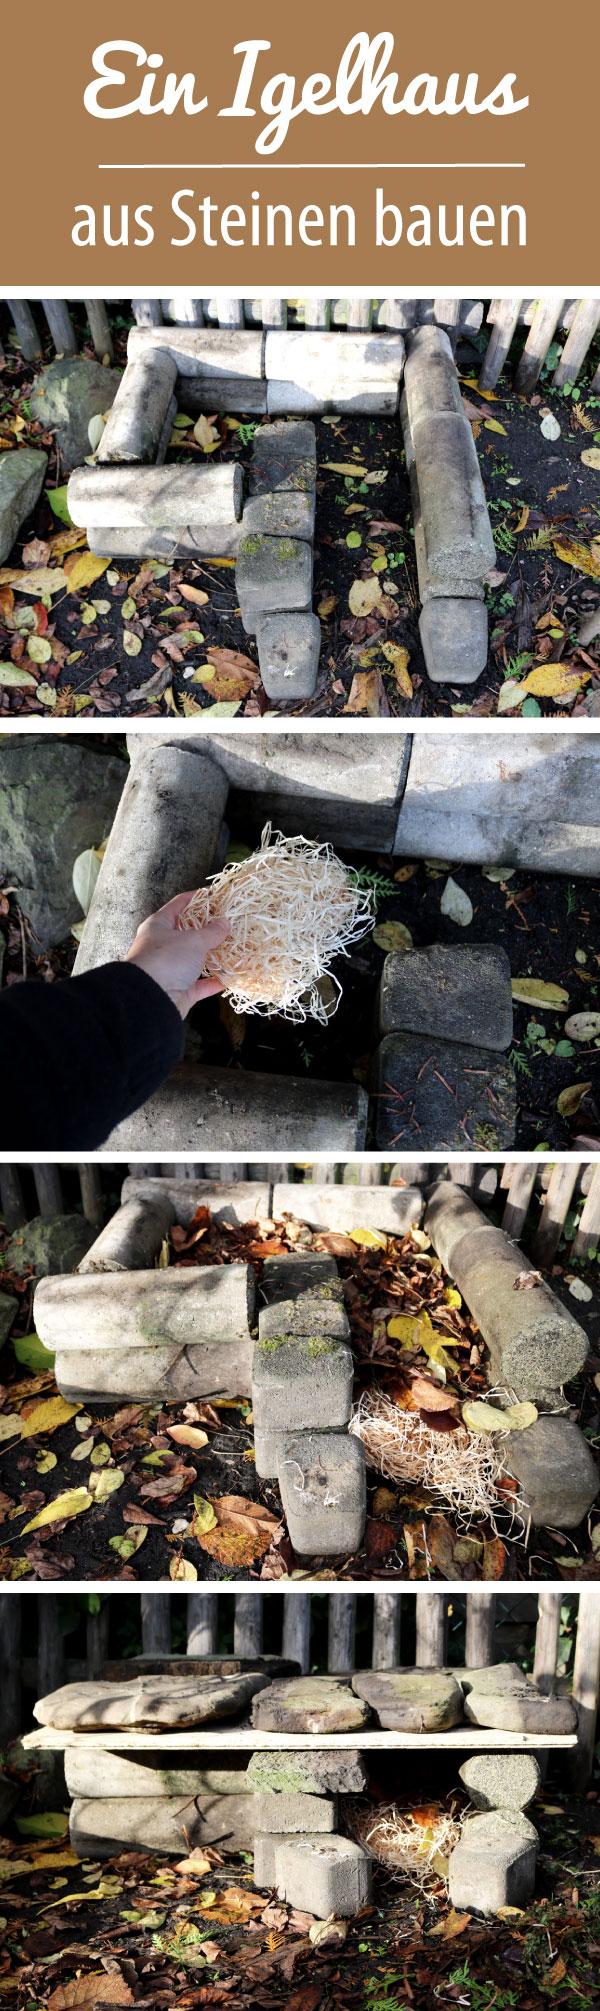 Igelhaus bauen aus Steinen